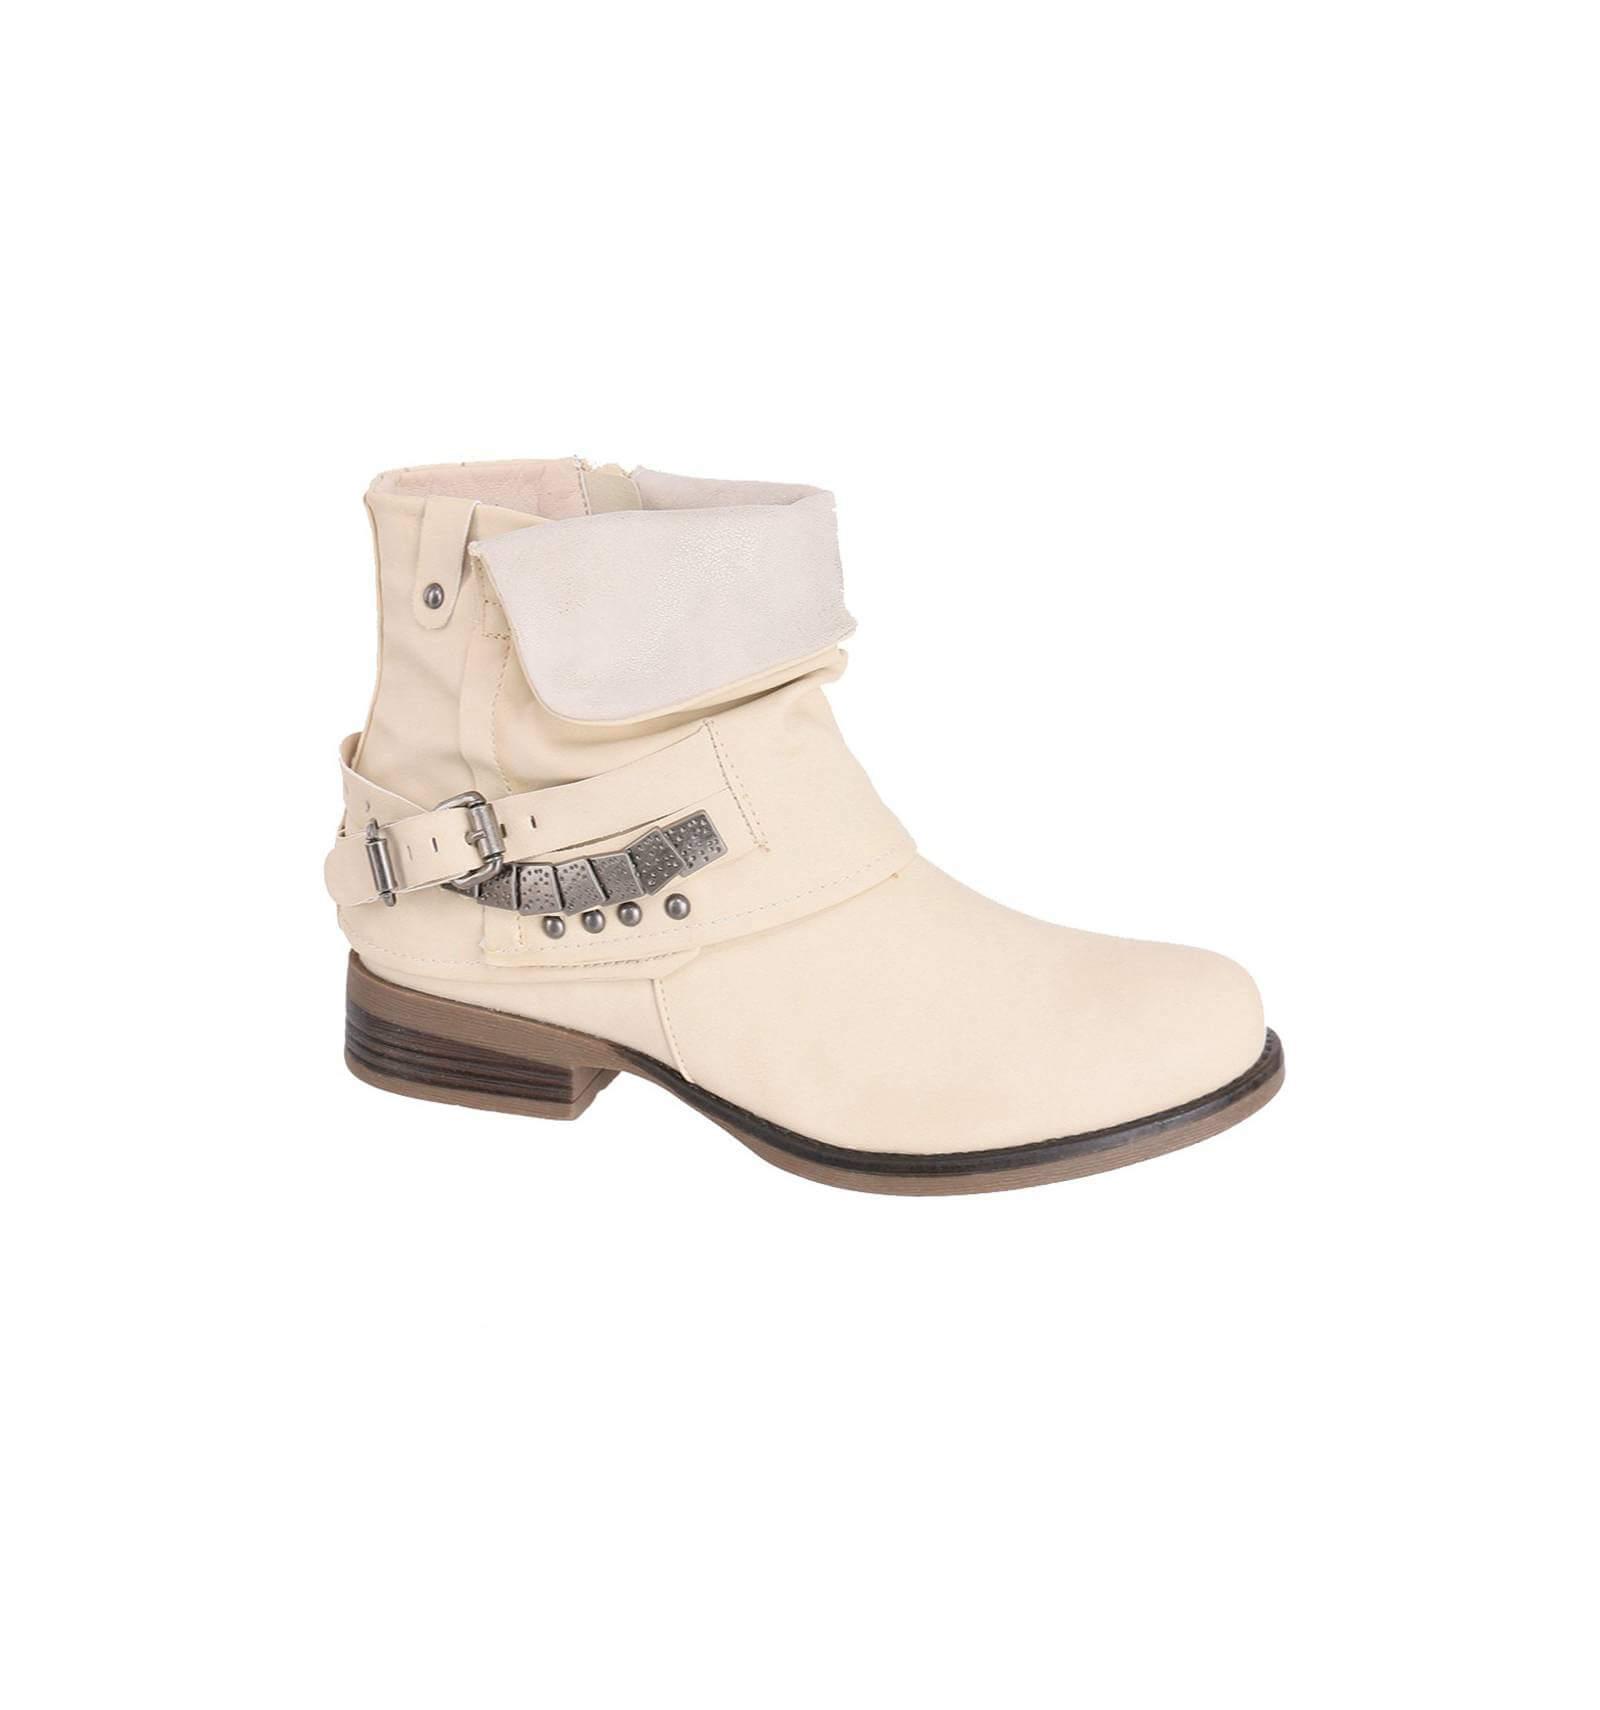 bottes femme beige cuir,bottes cavalieres cuir femme pas cher